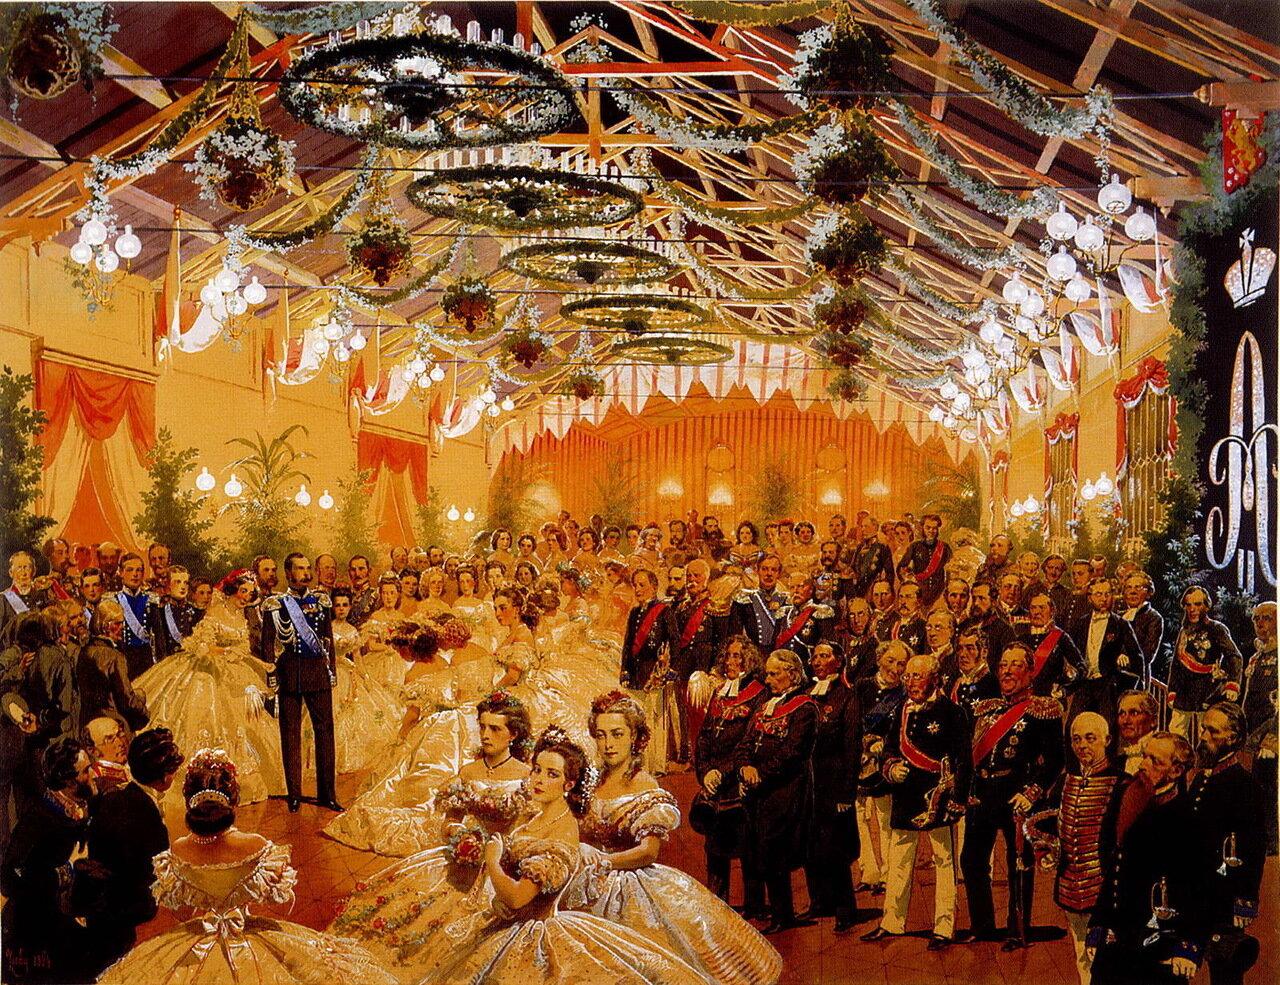 Бал в честь императора Александра II, организованный городом Гельсингфорсом в сентябре 1863 г. в здании железнодорожного вокзала